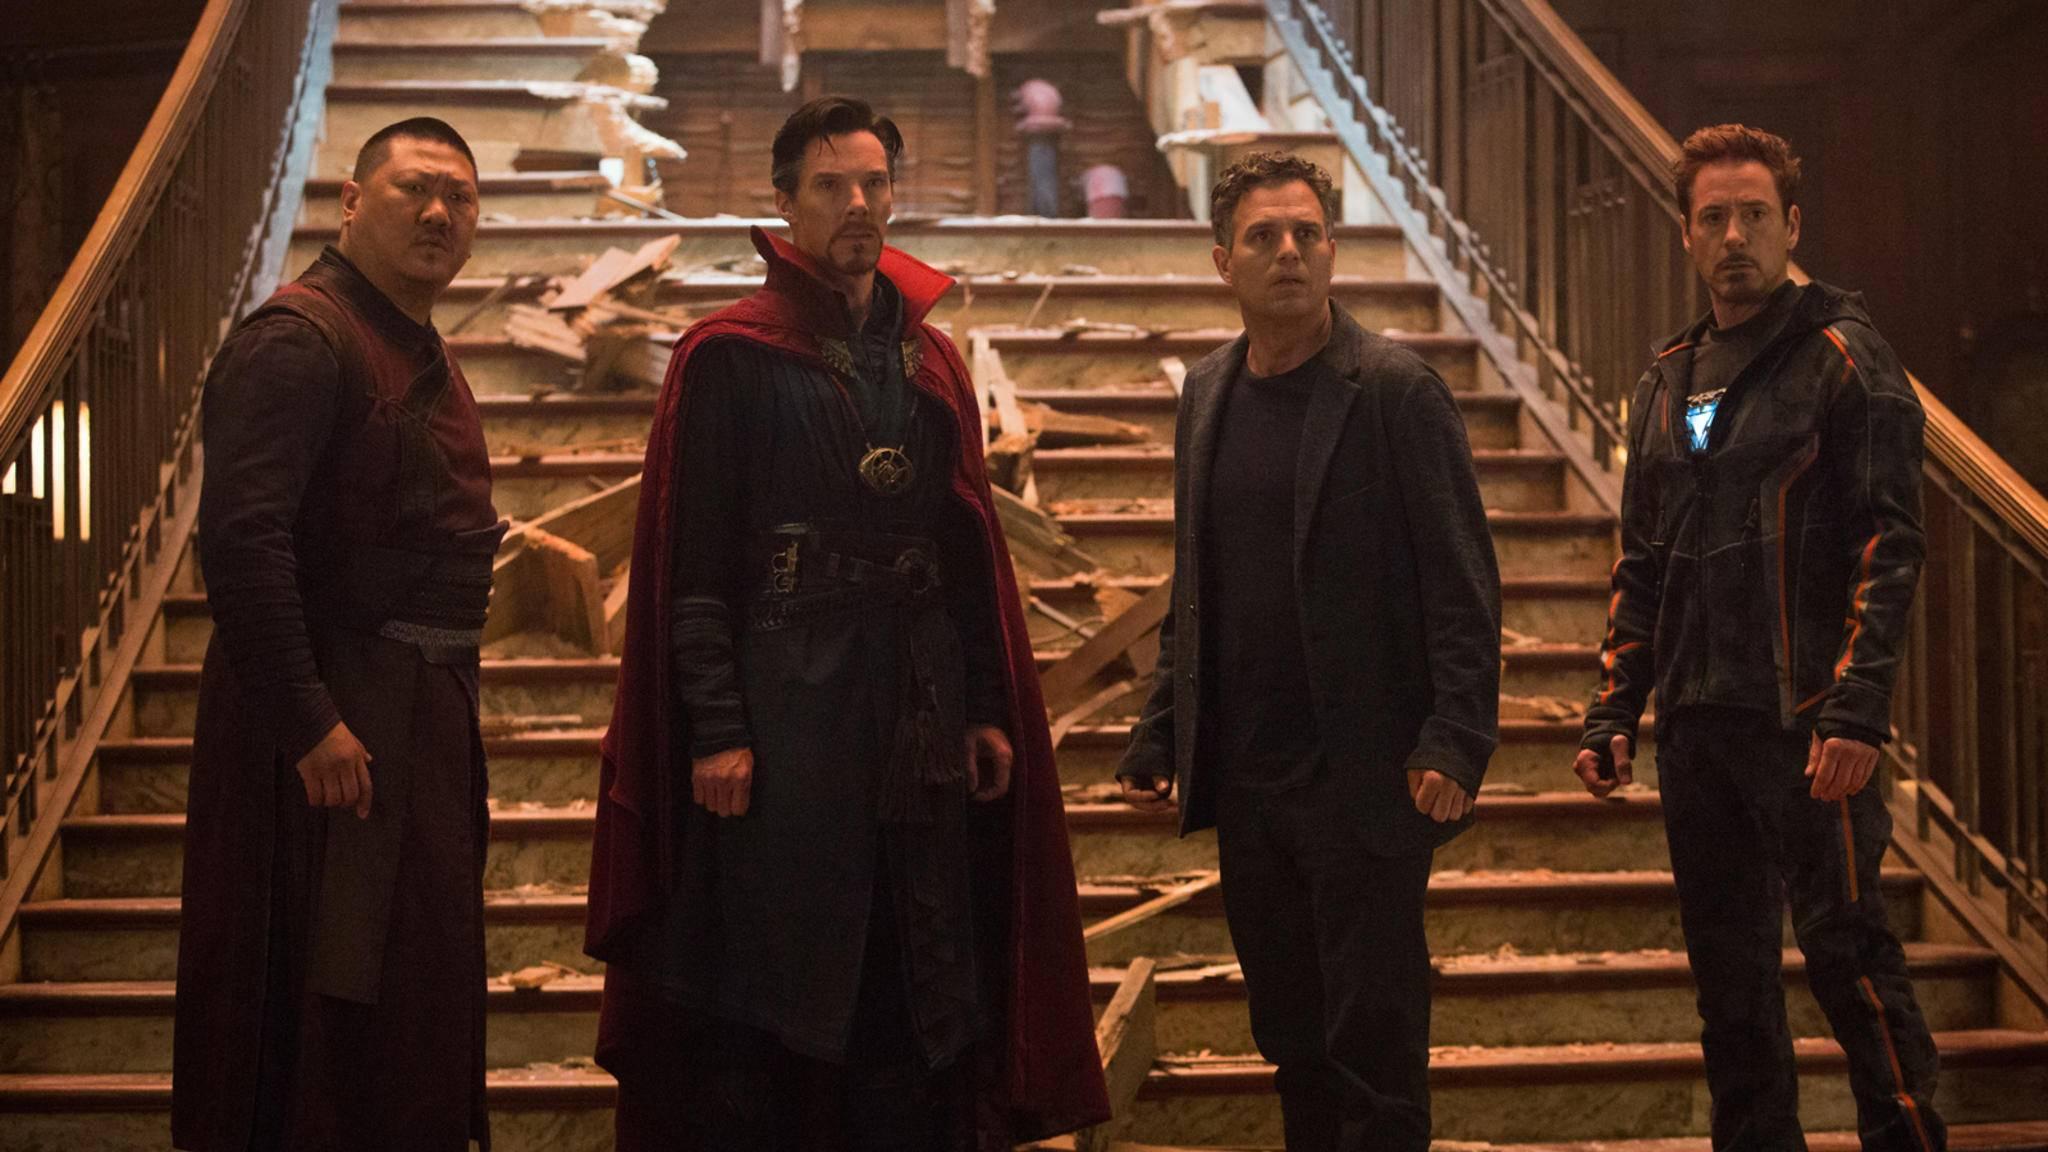 Einer dieser Superhelden ist traurig – es gibt keine Rucksäcke mit seinem Gesicht!